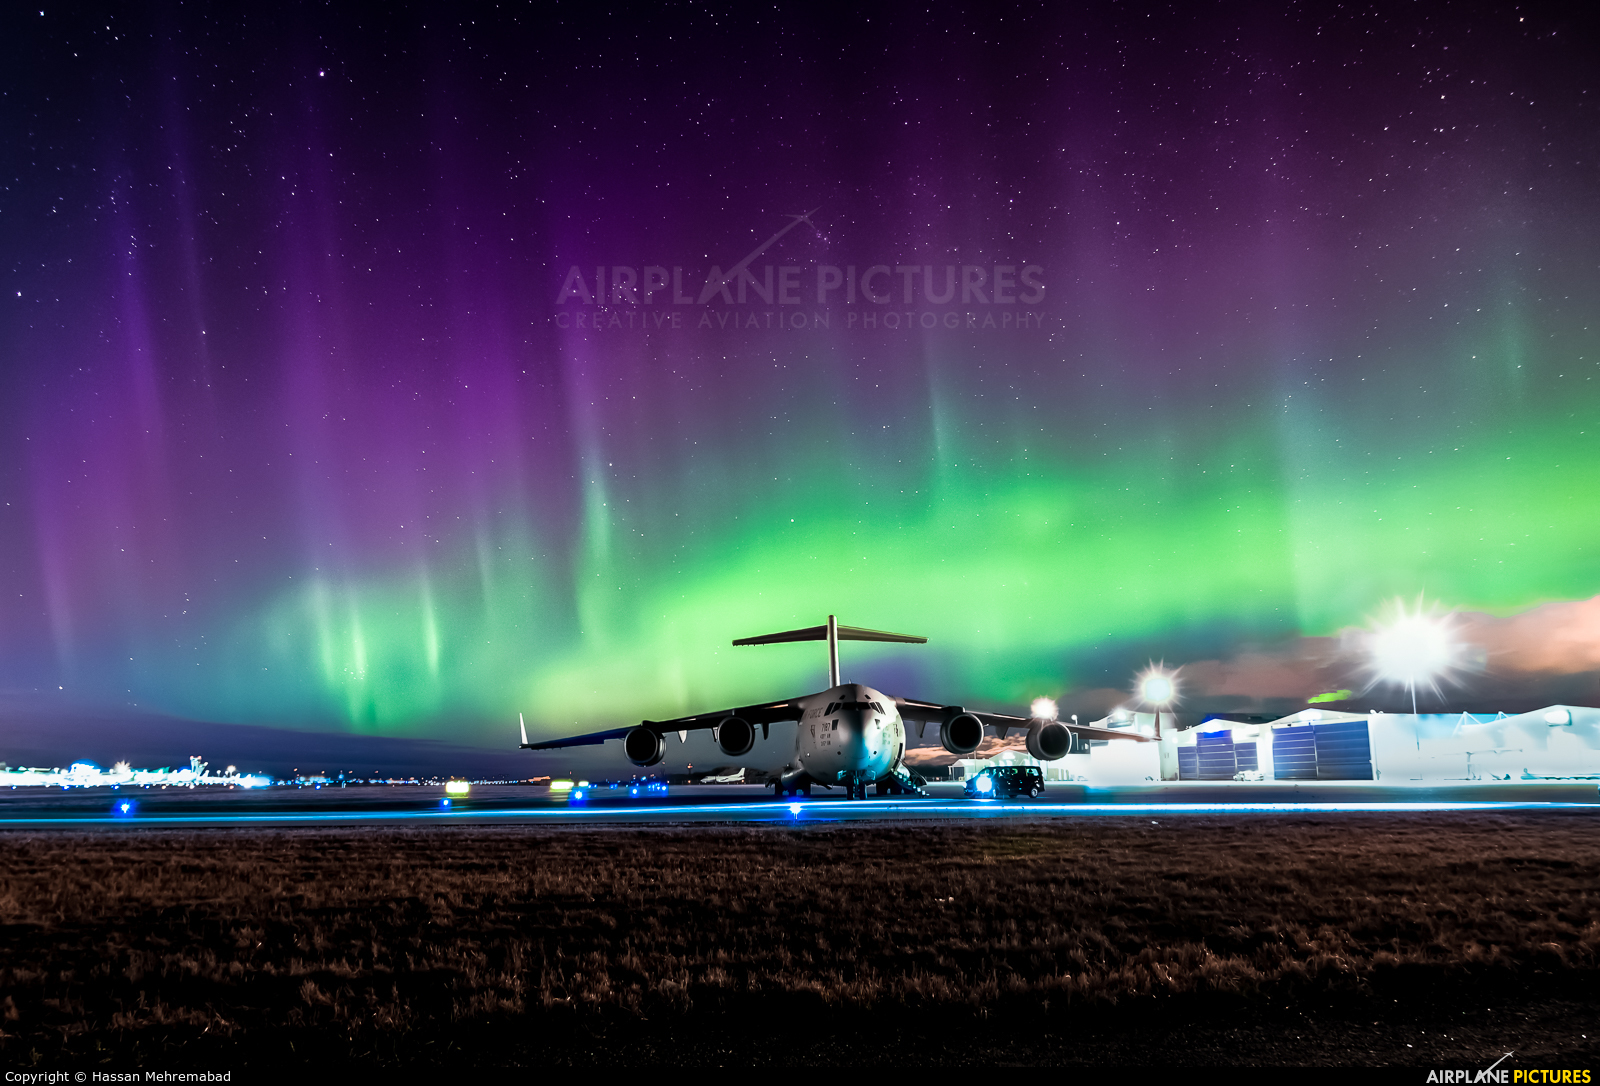 USA - Air Force 07-7187 aircraft at Helsinki - Vantaa